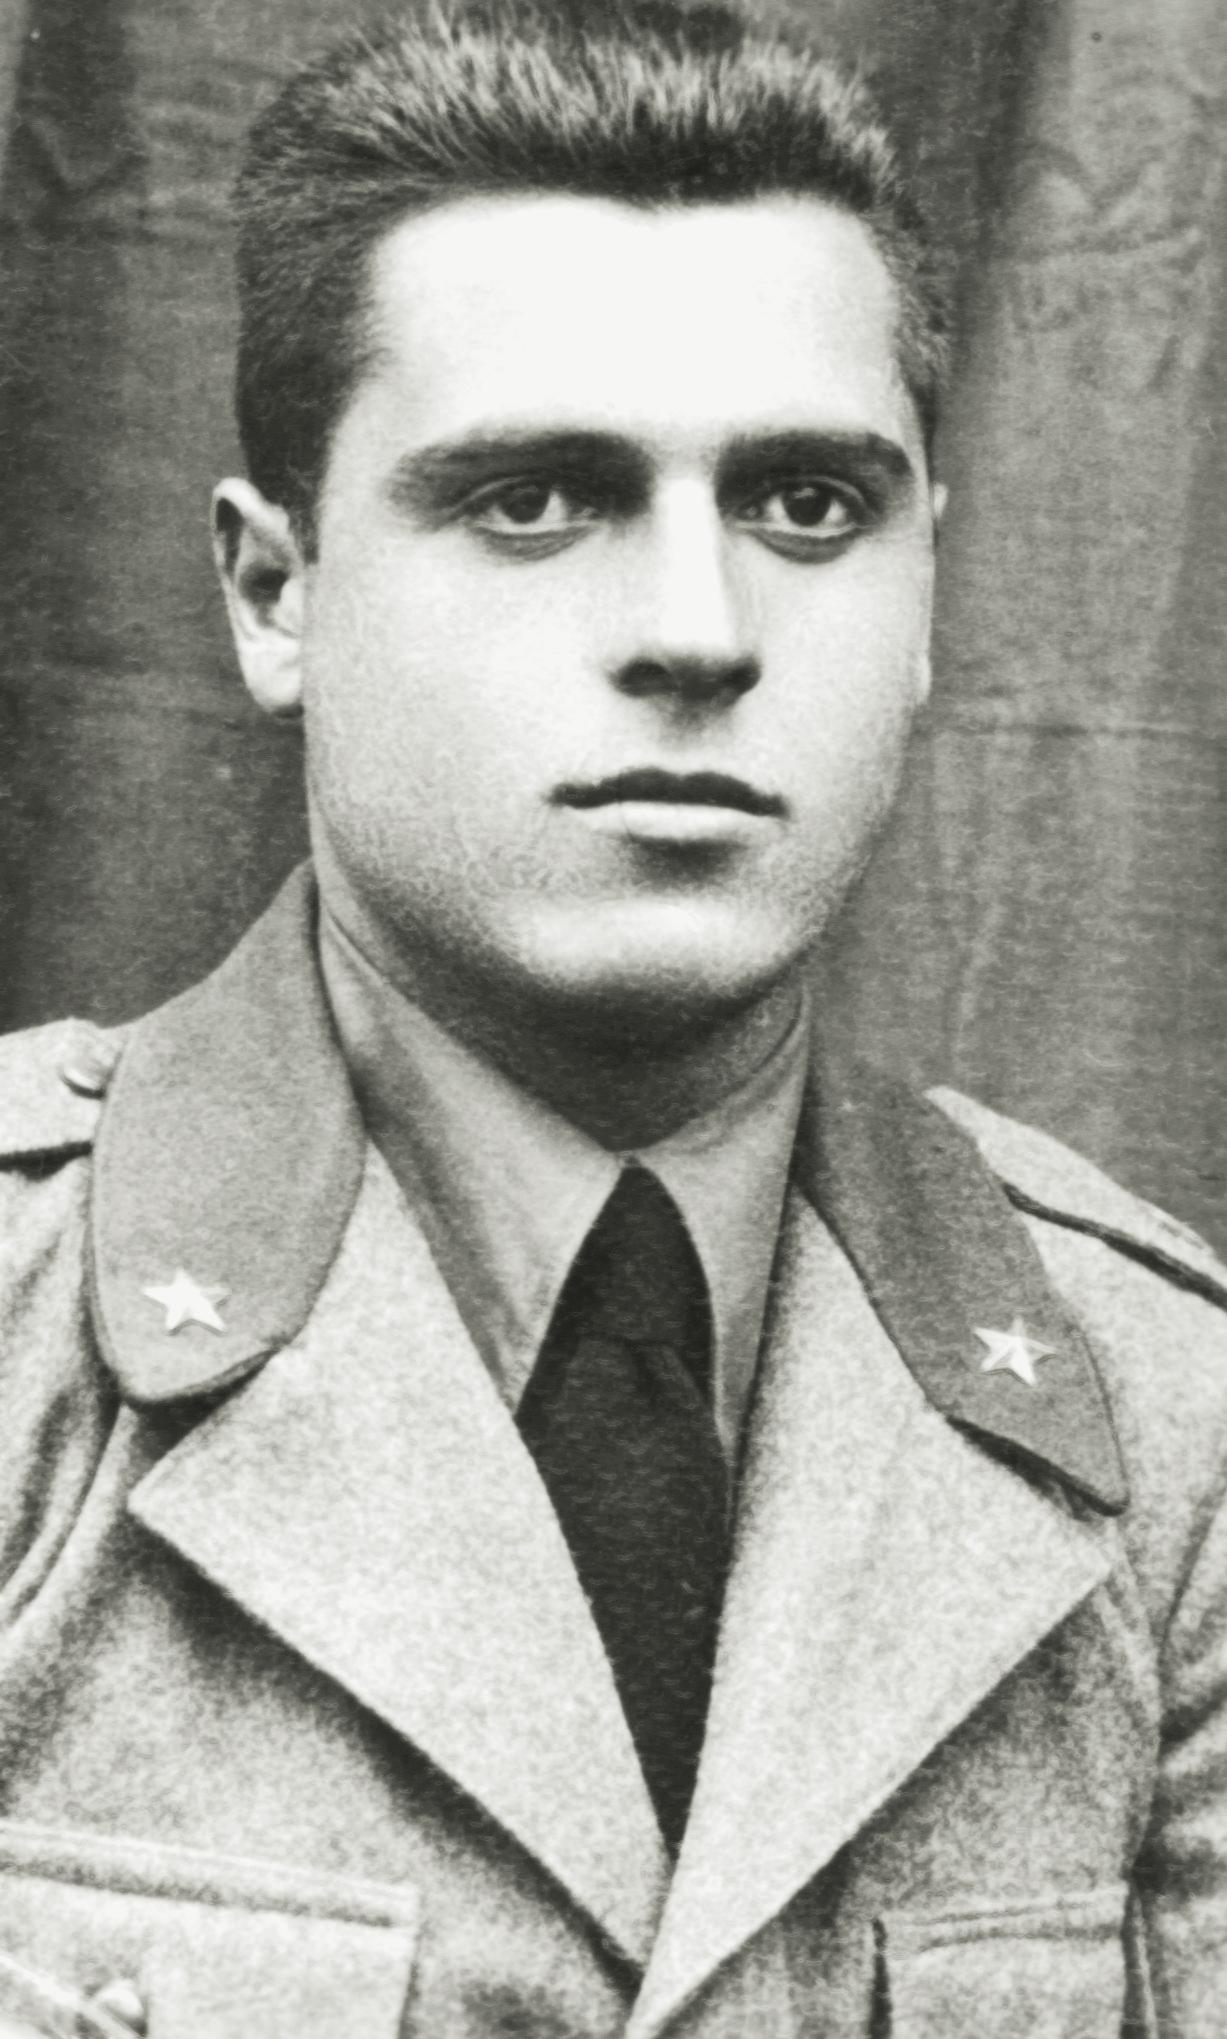 1939, Nanti Paolo al 10° Reggimento Artiglieria.